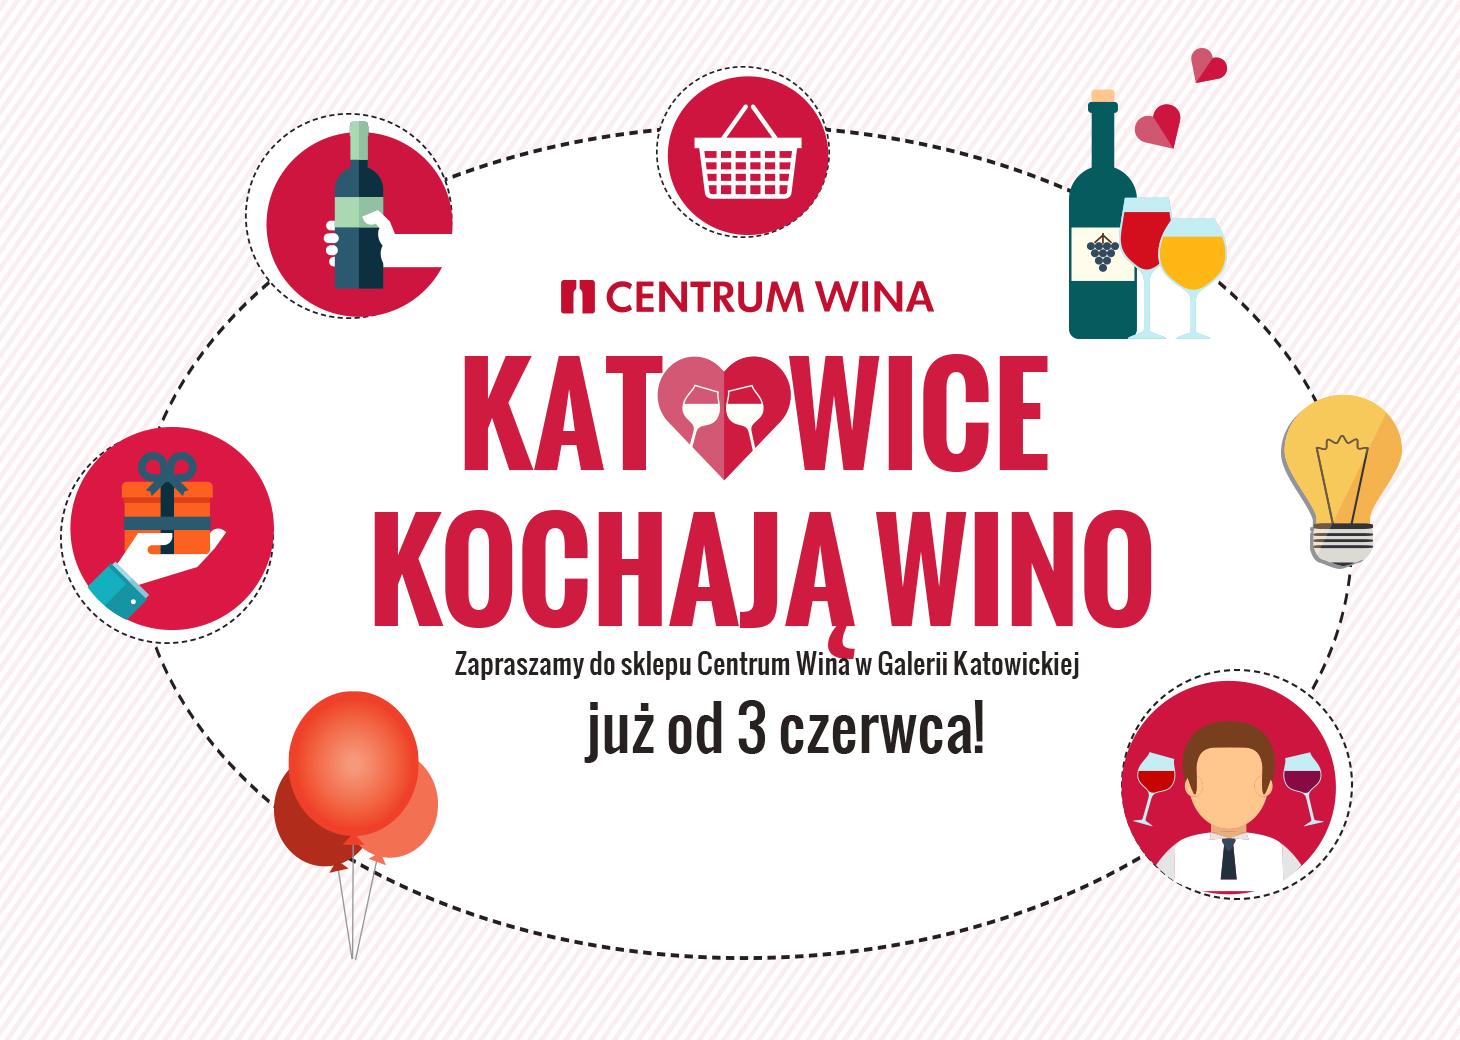 Centrum Wina otwiera drugi sklep w Katowicach